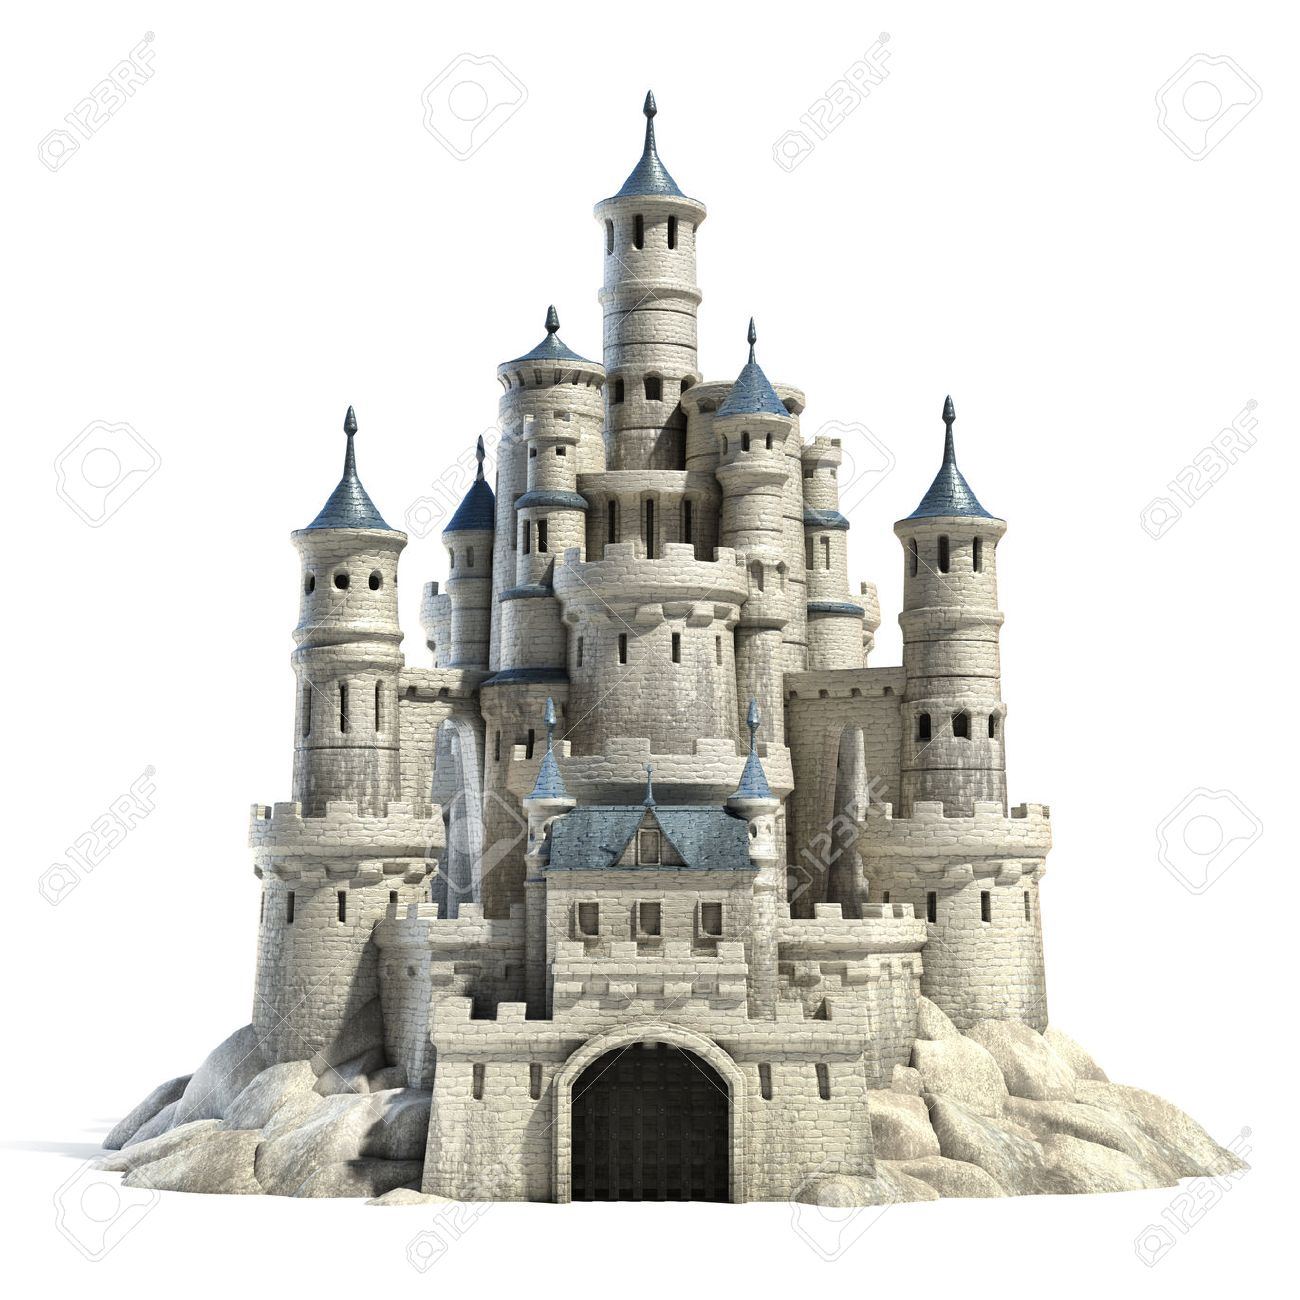 castle 3d illustration - 46059740